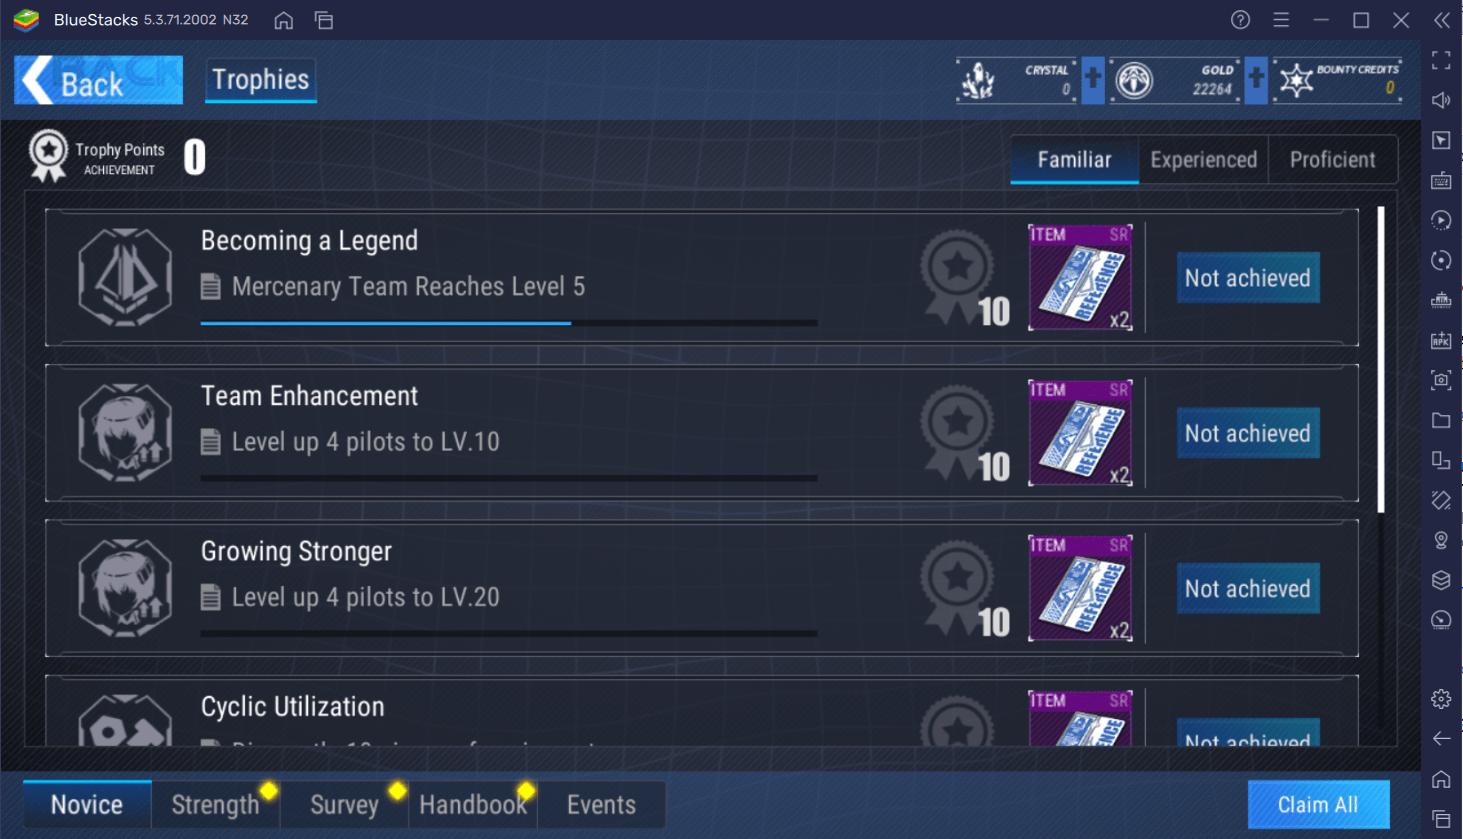 لعبة Final Gear: دليل المبتدئين من محاكي BlueStacks